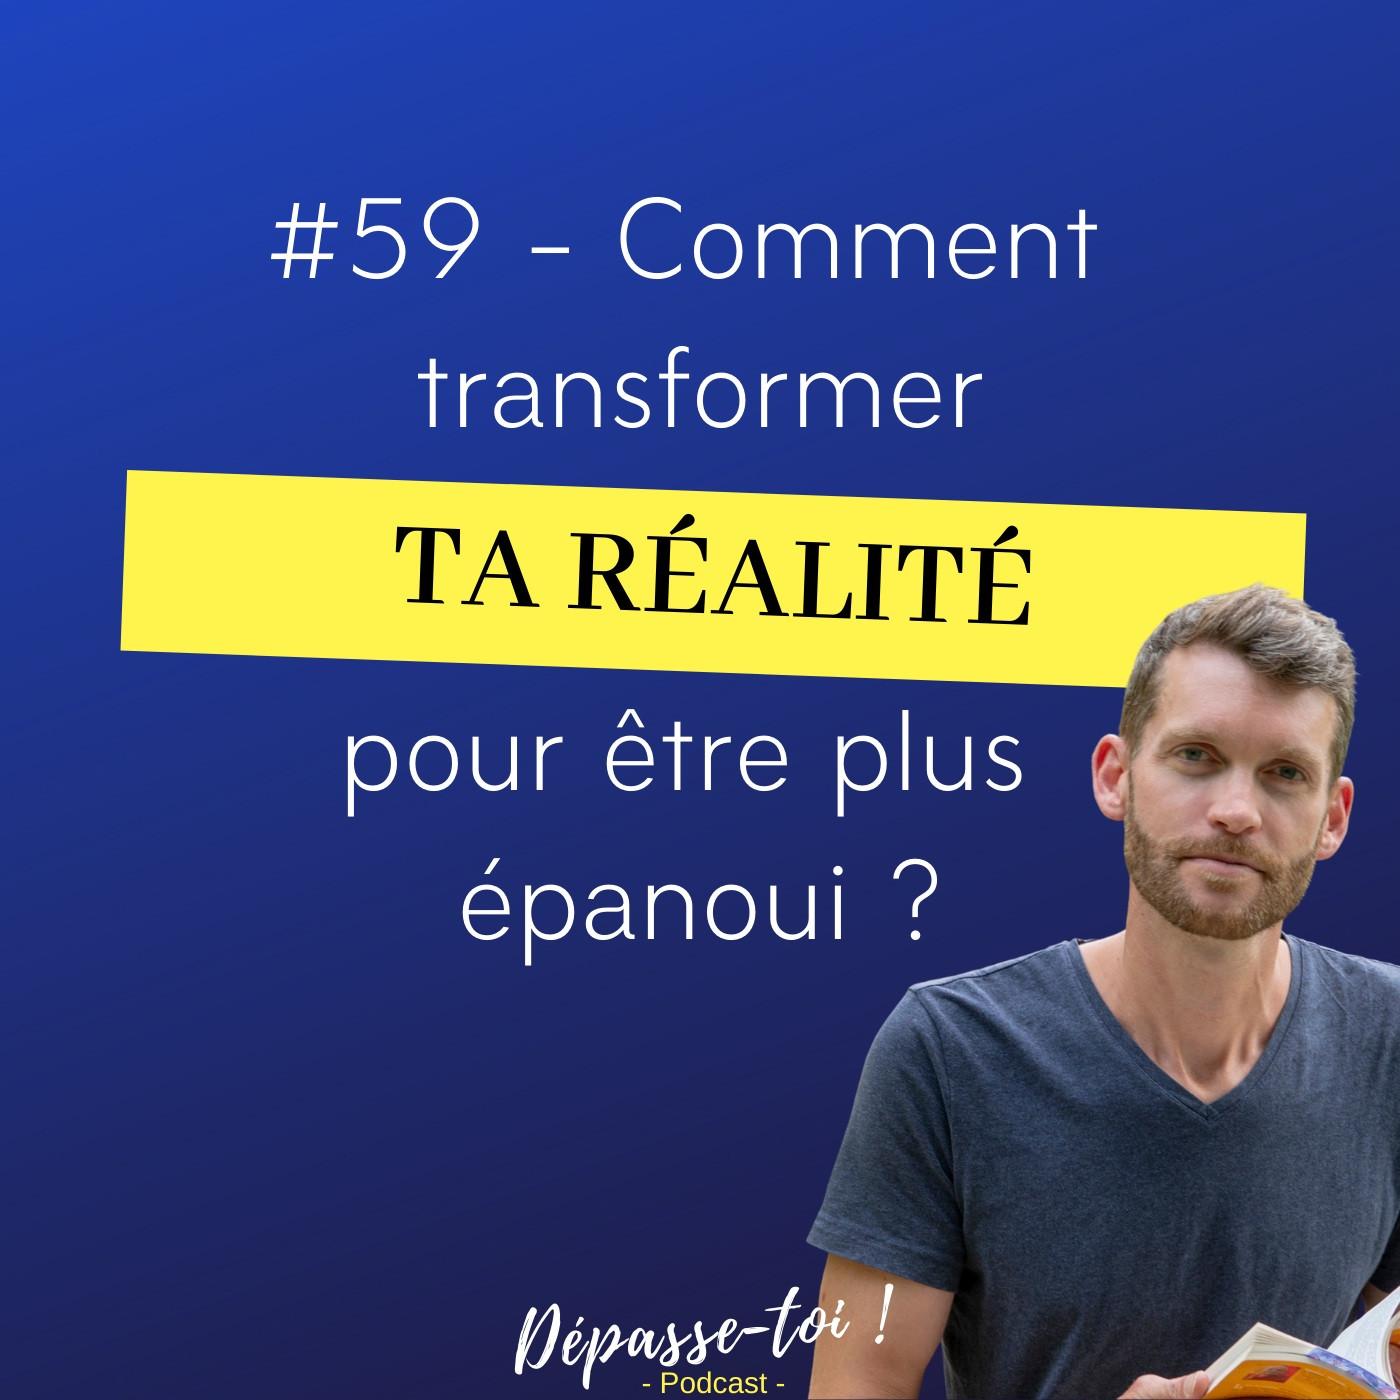 #59 - Comment transformer ta réalité pour être plus épanoui ?